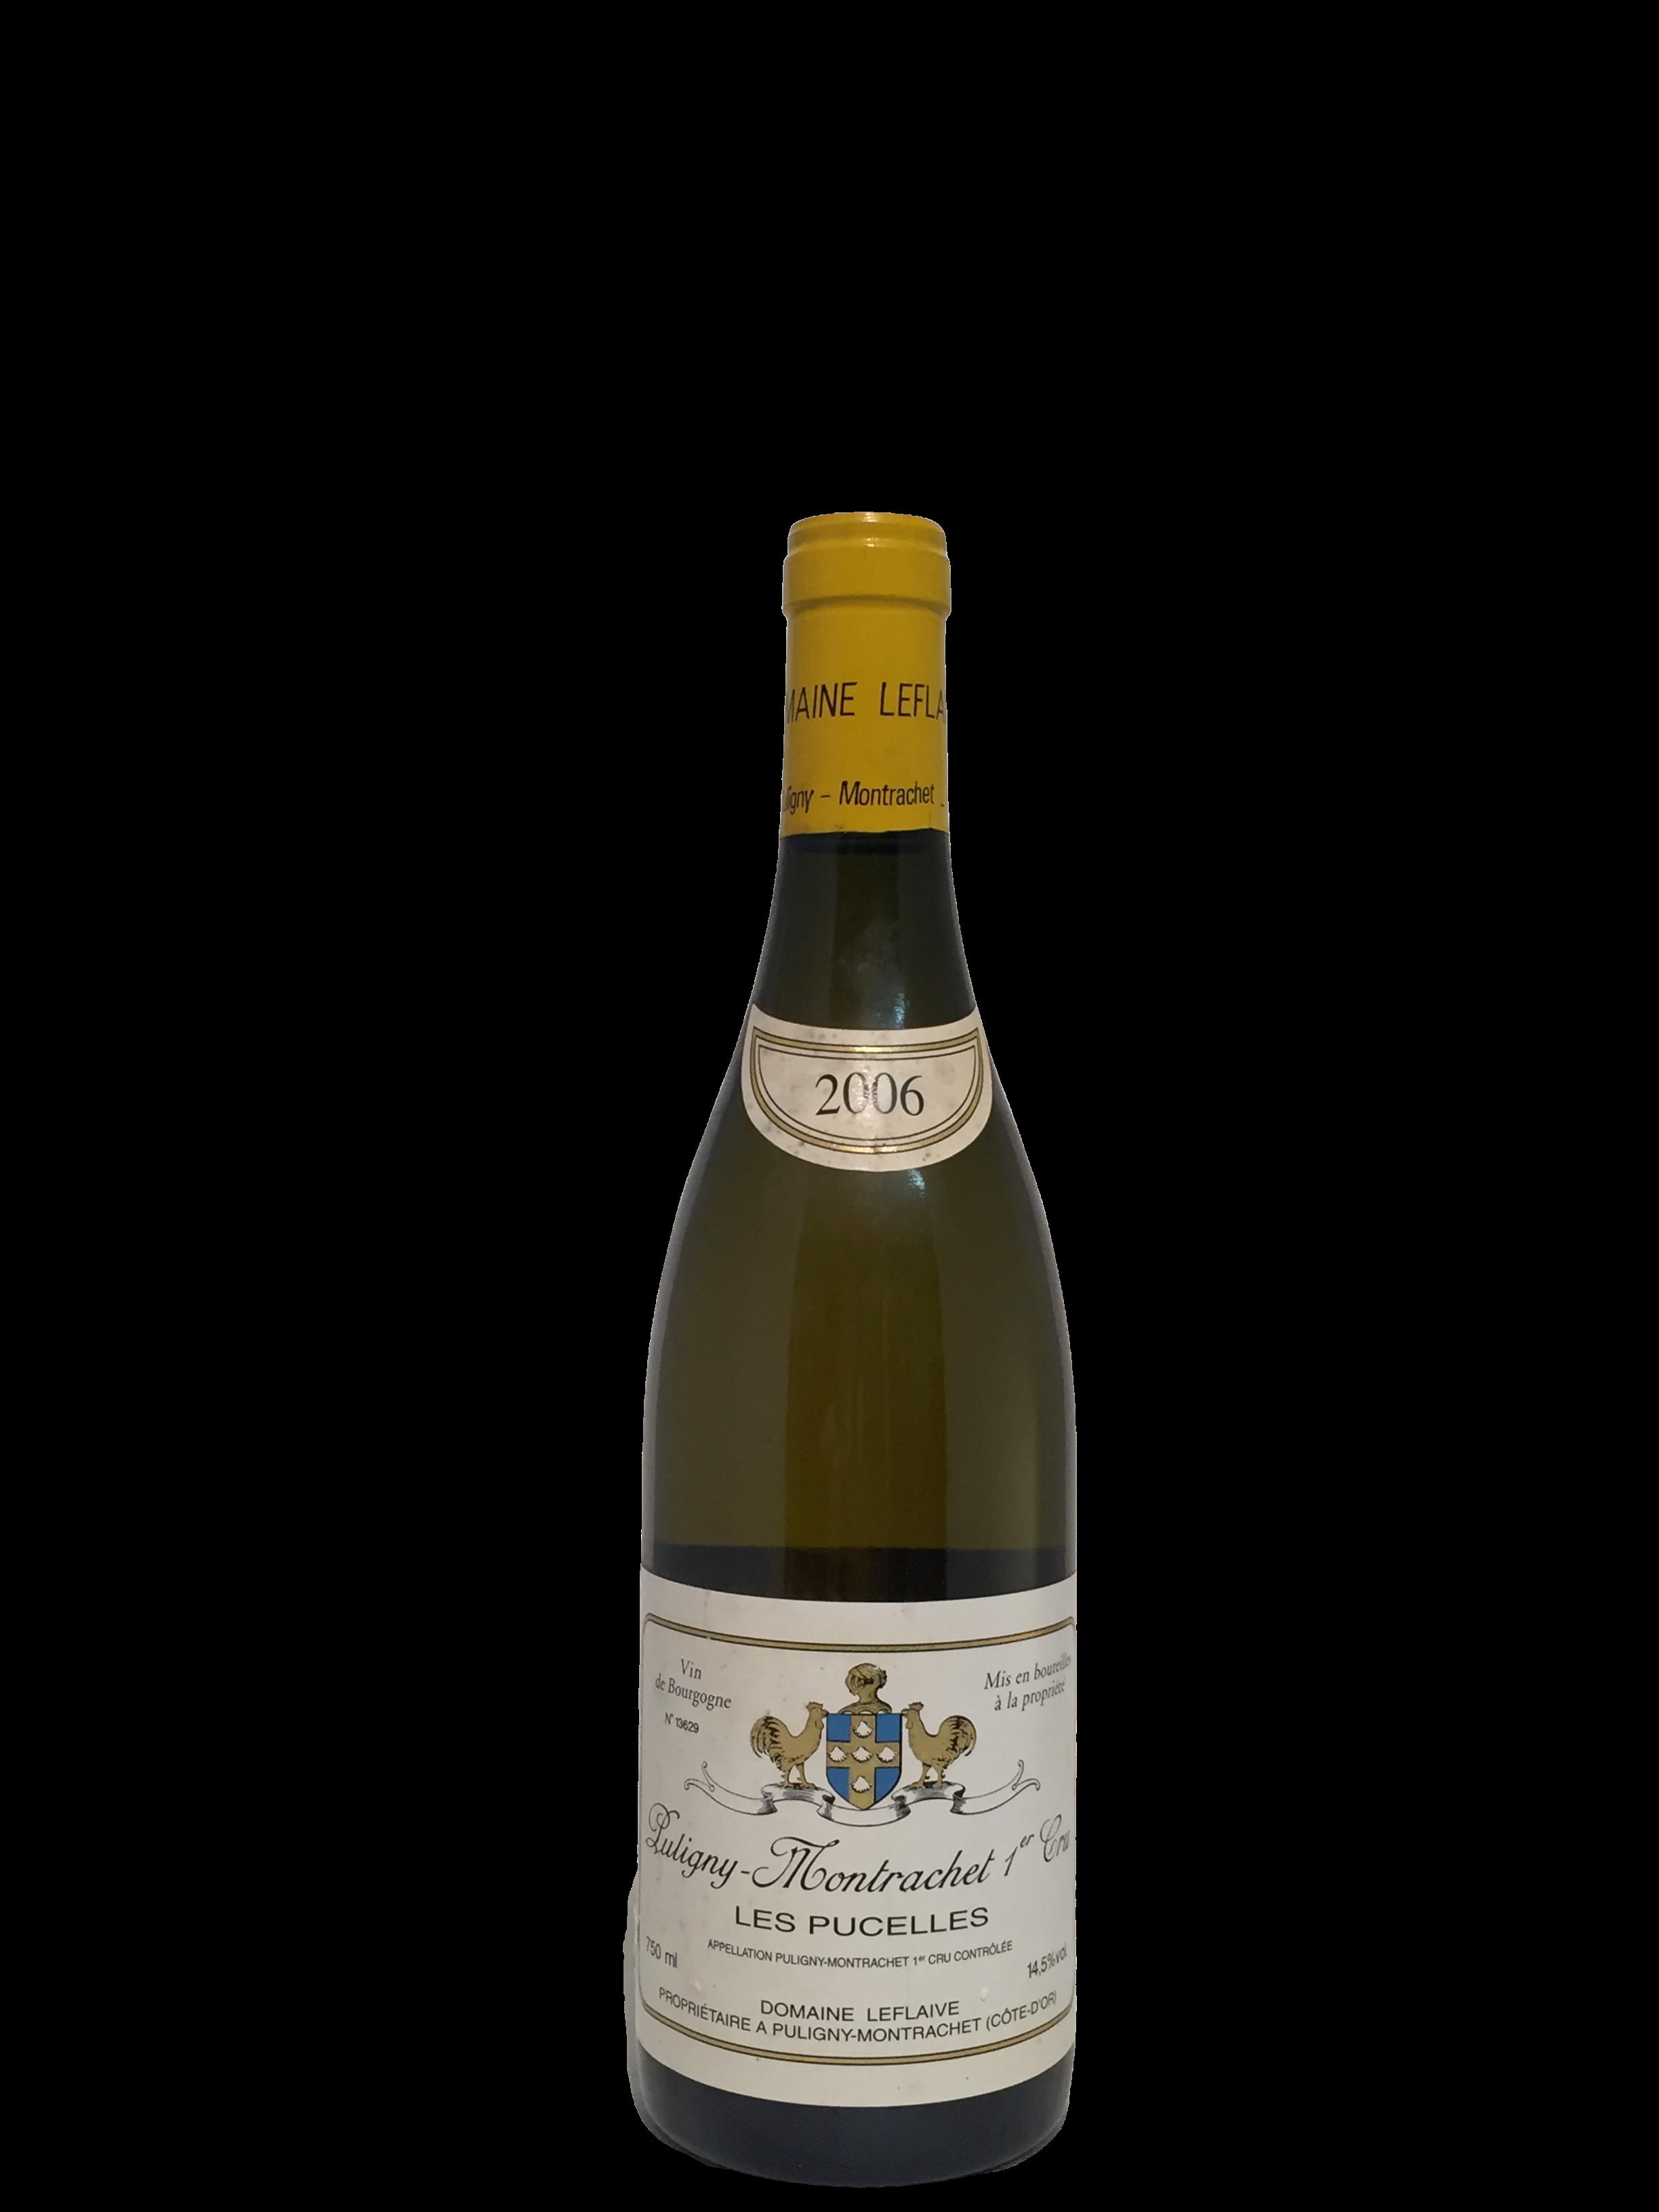 Domaine Leflaive – Puligny-Montrachet Les Pucelles 2006